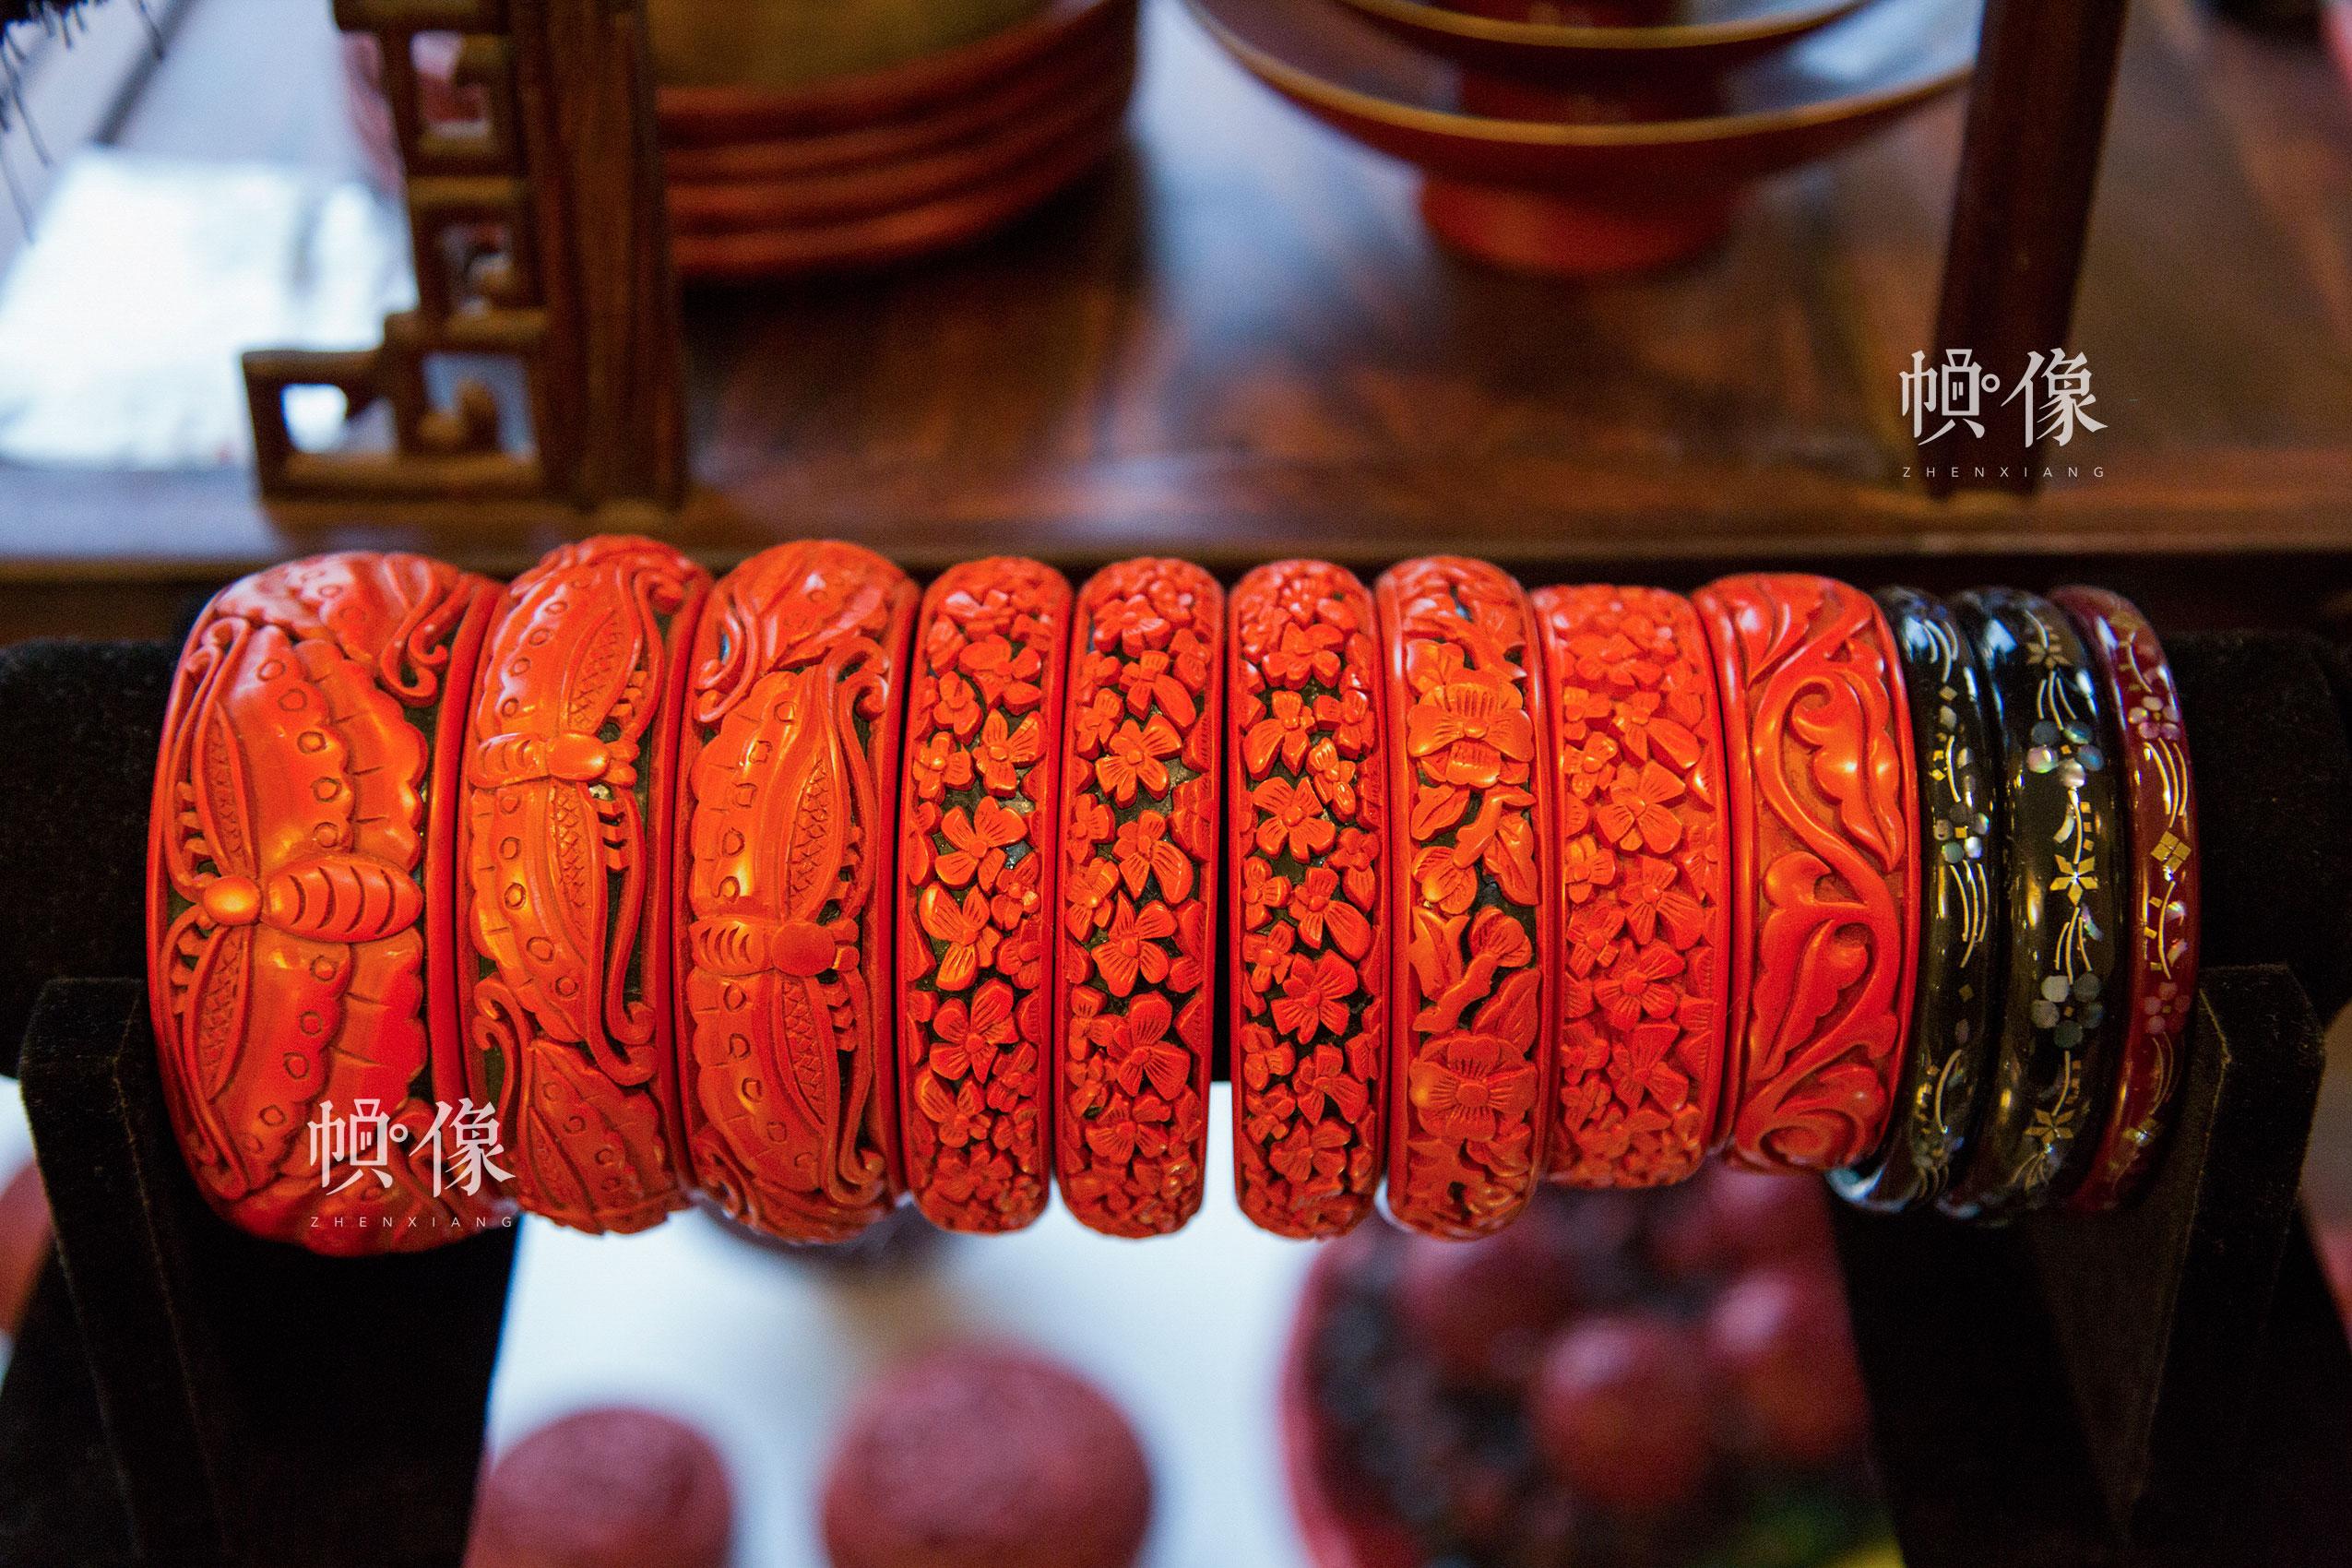 2017年9月20日,垡头工美聚艺园区,北京工艺美术雕漆大师杨之新制作的雕漆手镯成品。中国网记者 黄富友 摄